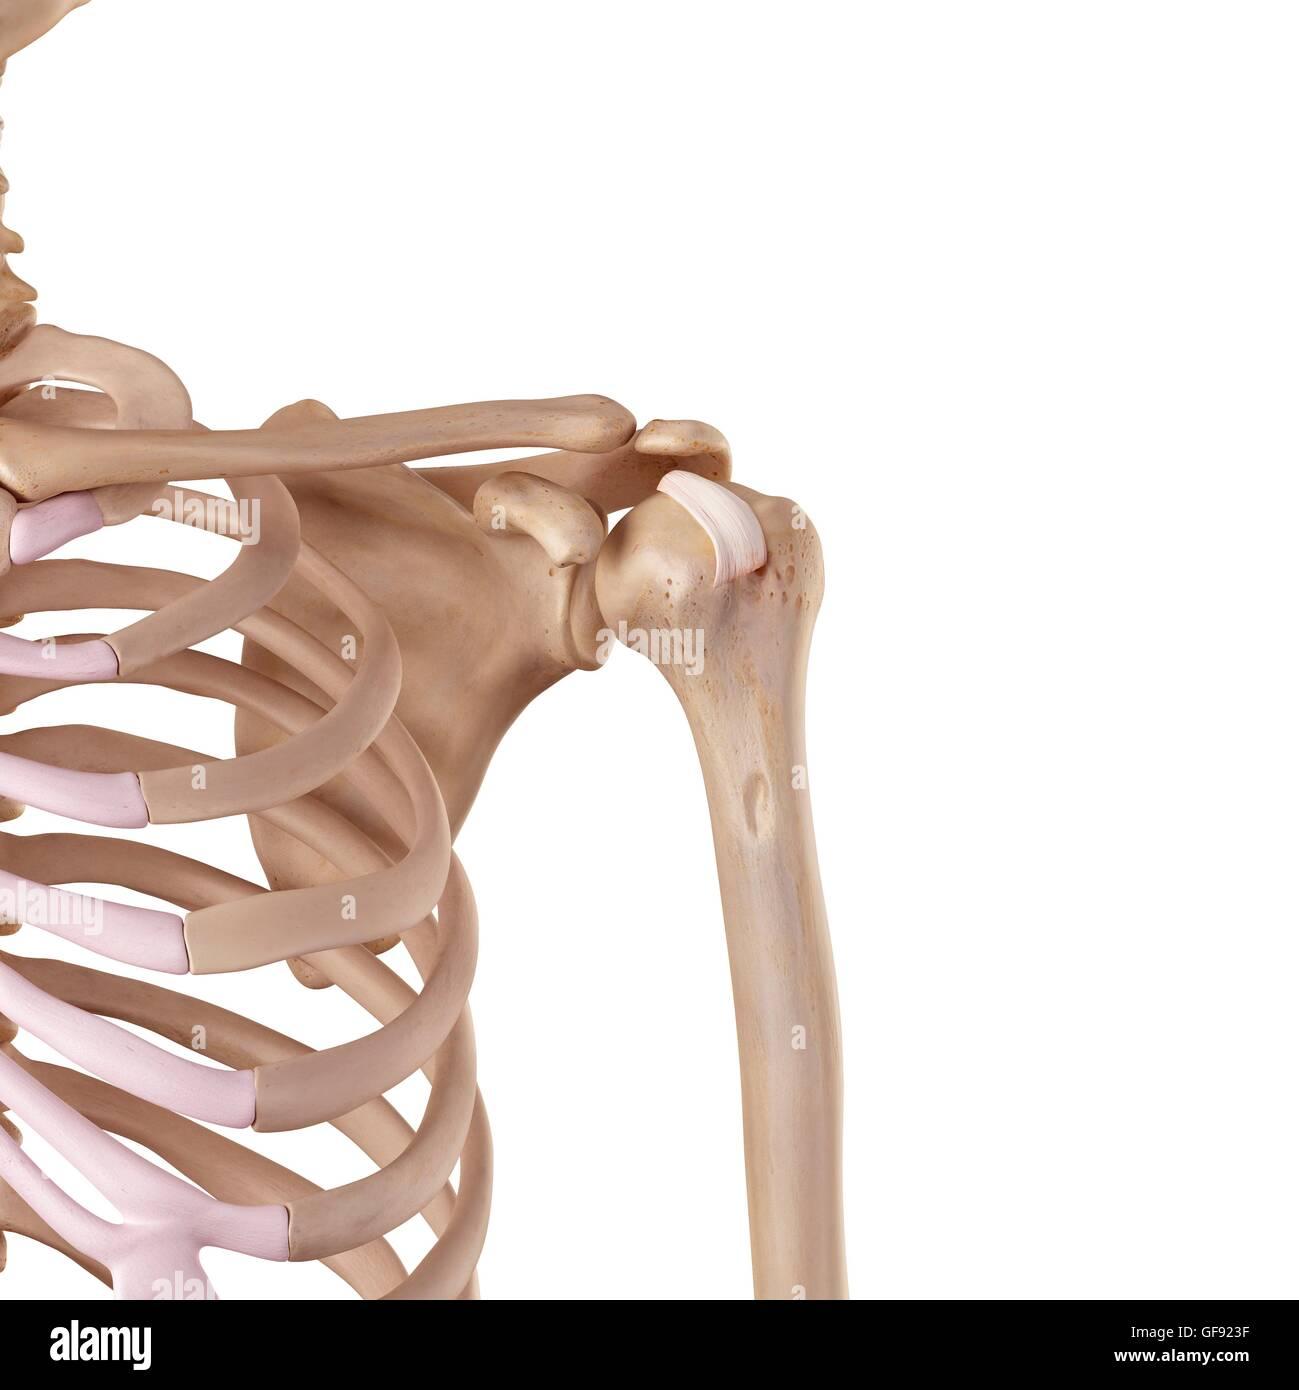 Shoulder Ligament Stock Photos & Shoulder Ligament Stock Images - Alamy